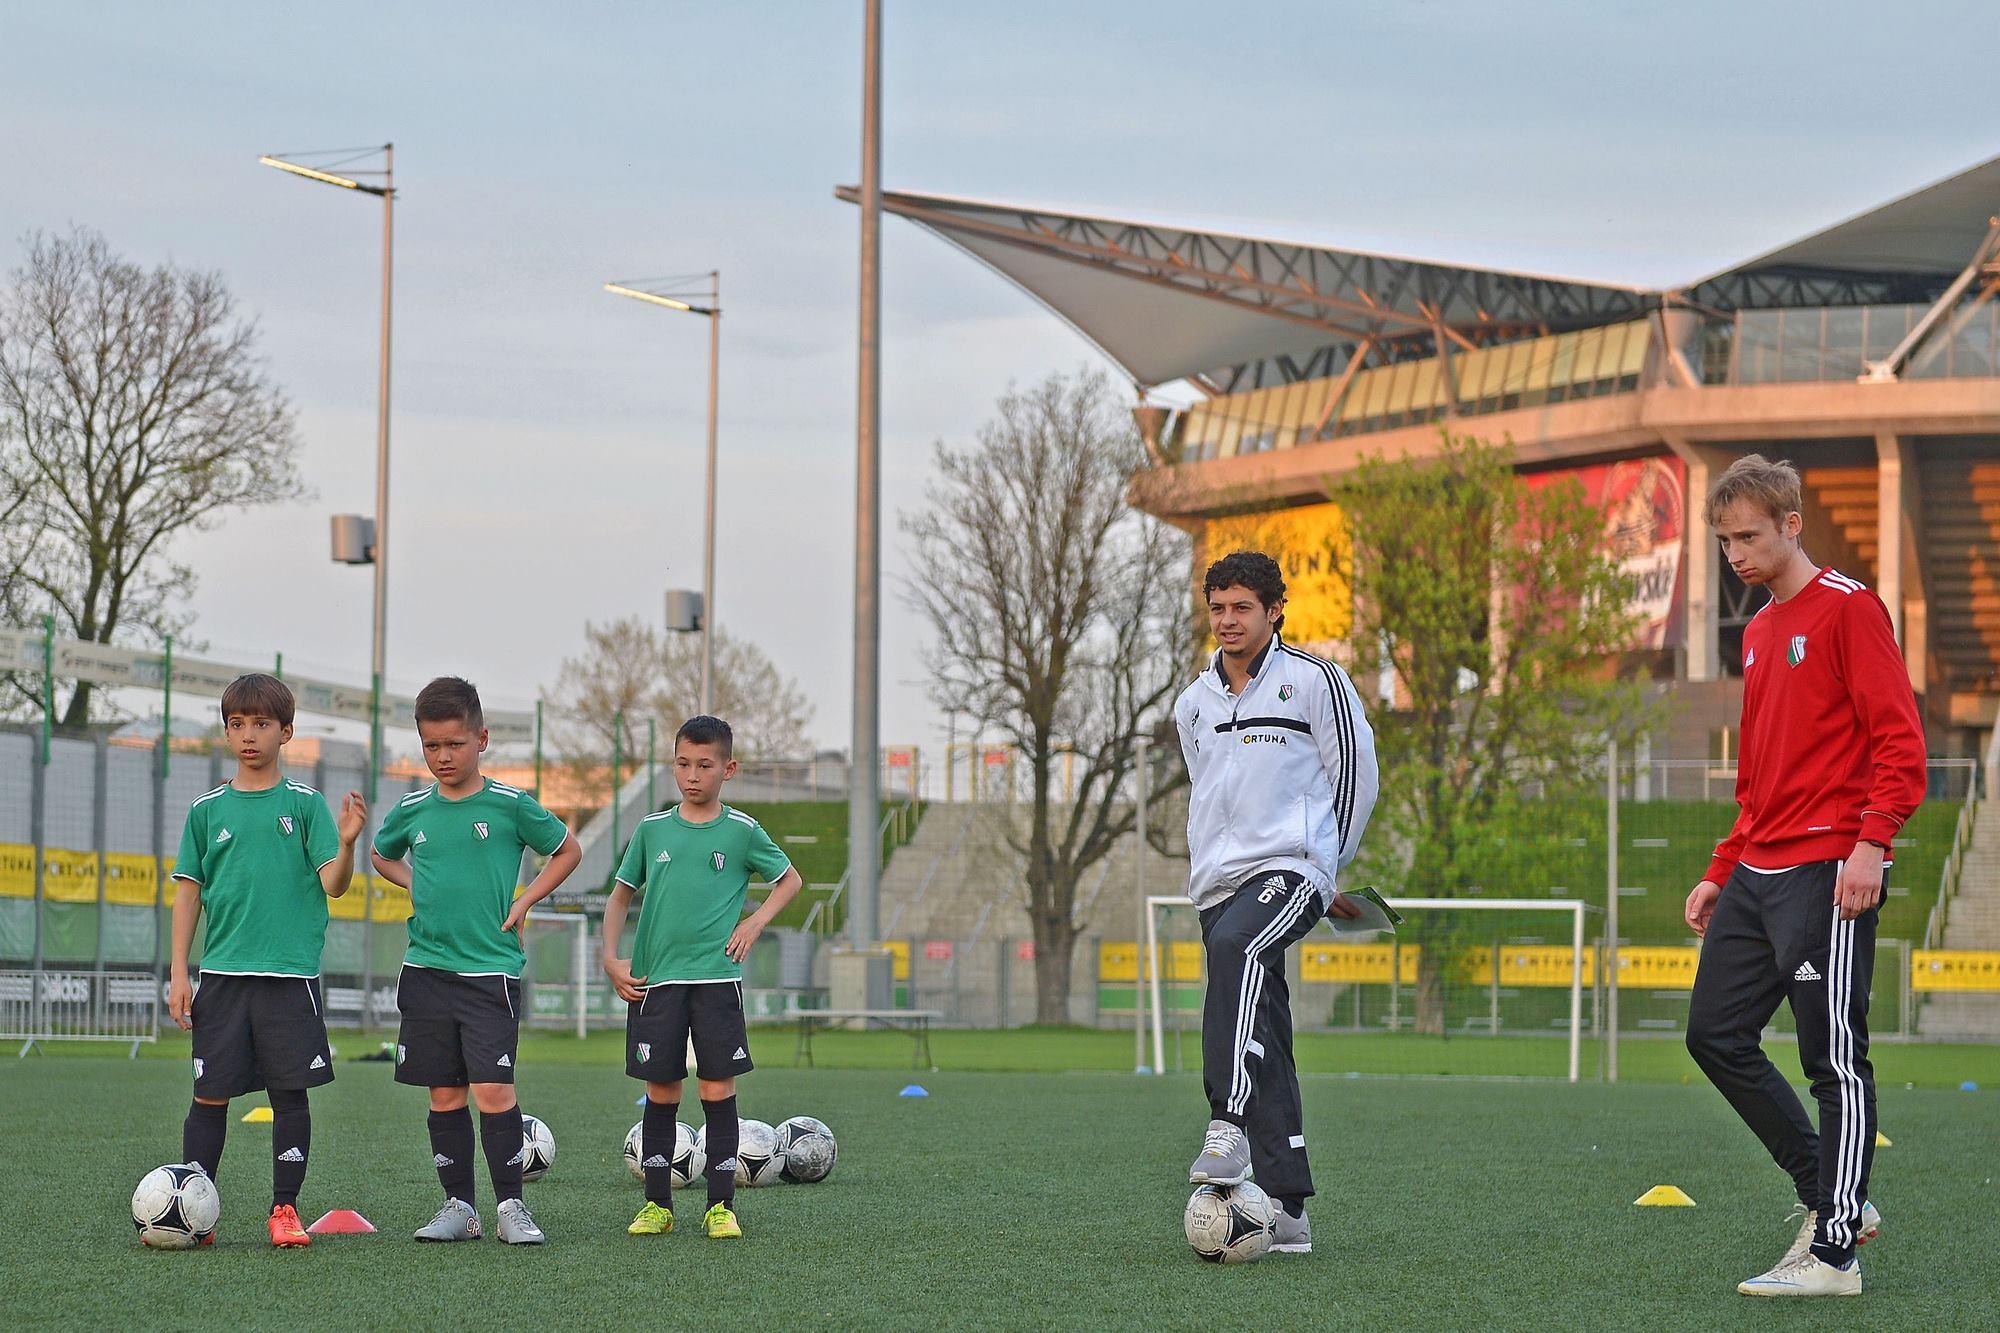 Tomek Tchórz- Dzieci w Sportingu uwielbiają spędzać czas w grupie